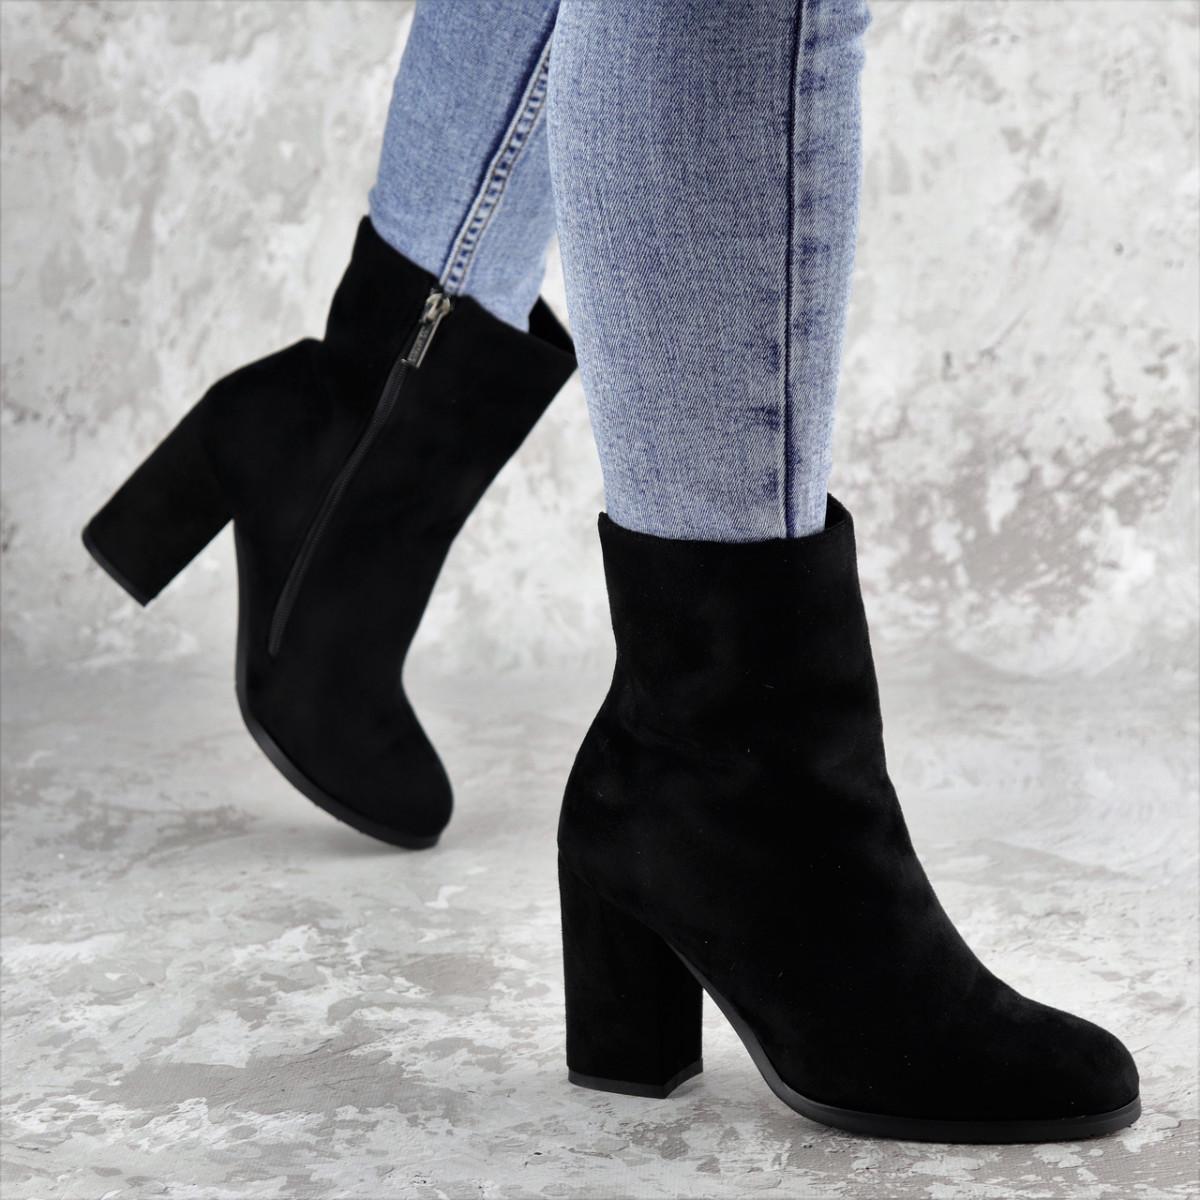 Женские зимние сапожки Dylan черные 1315 (37 размер)